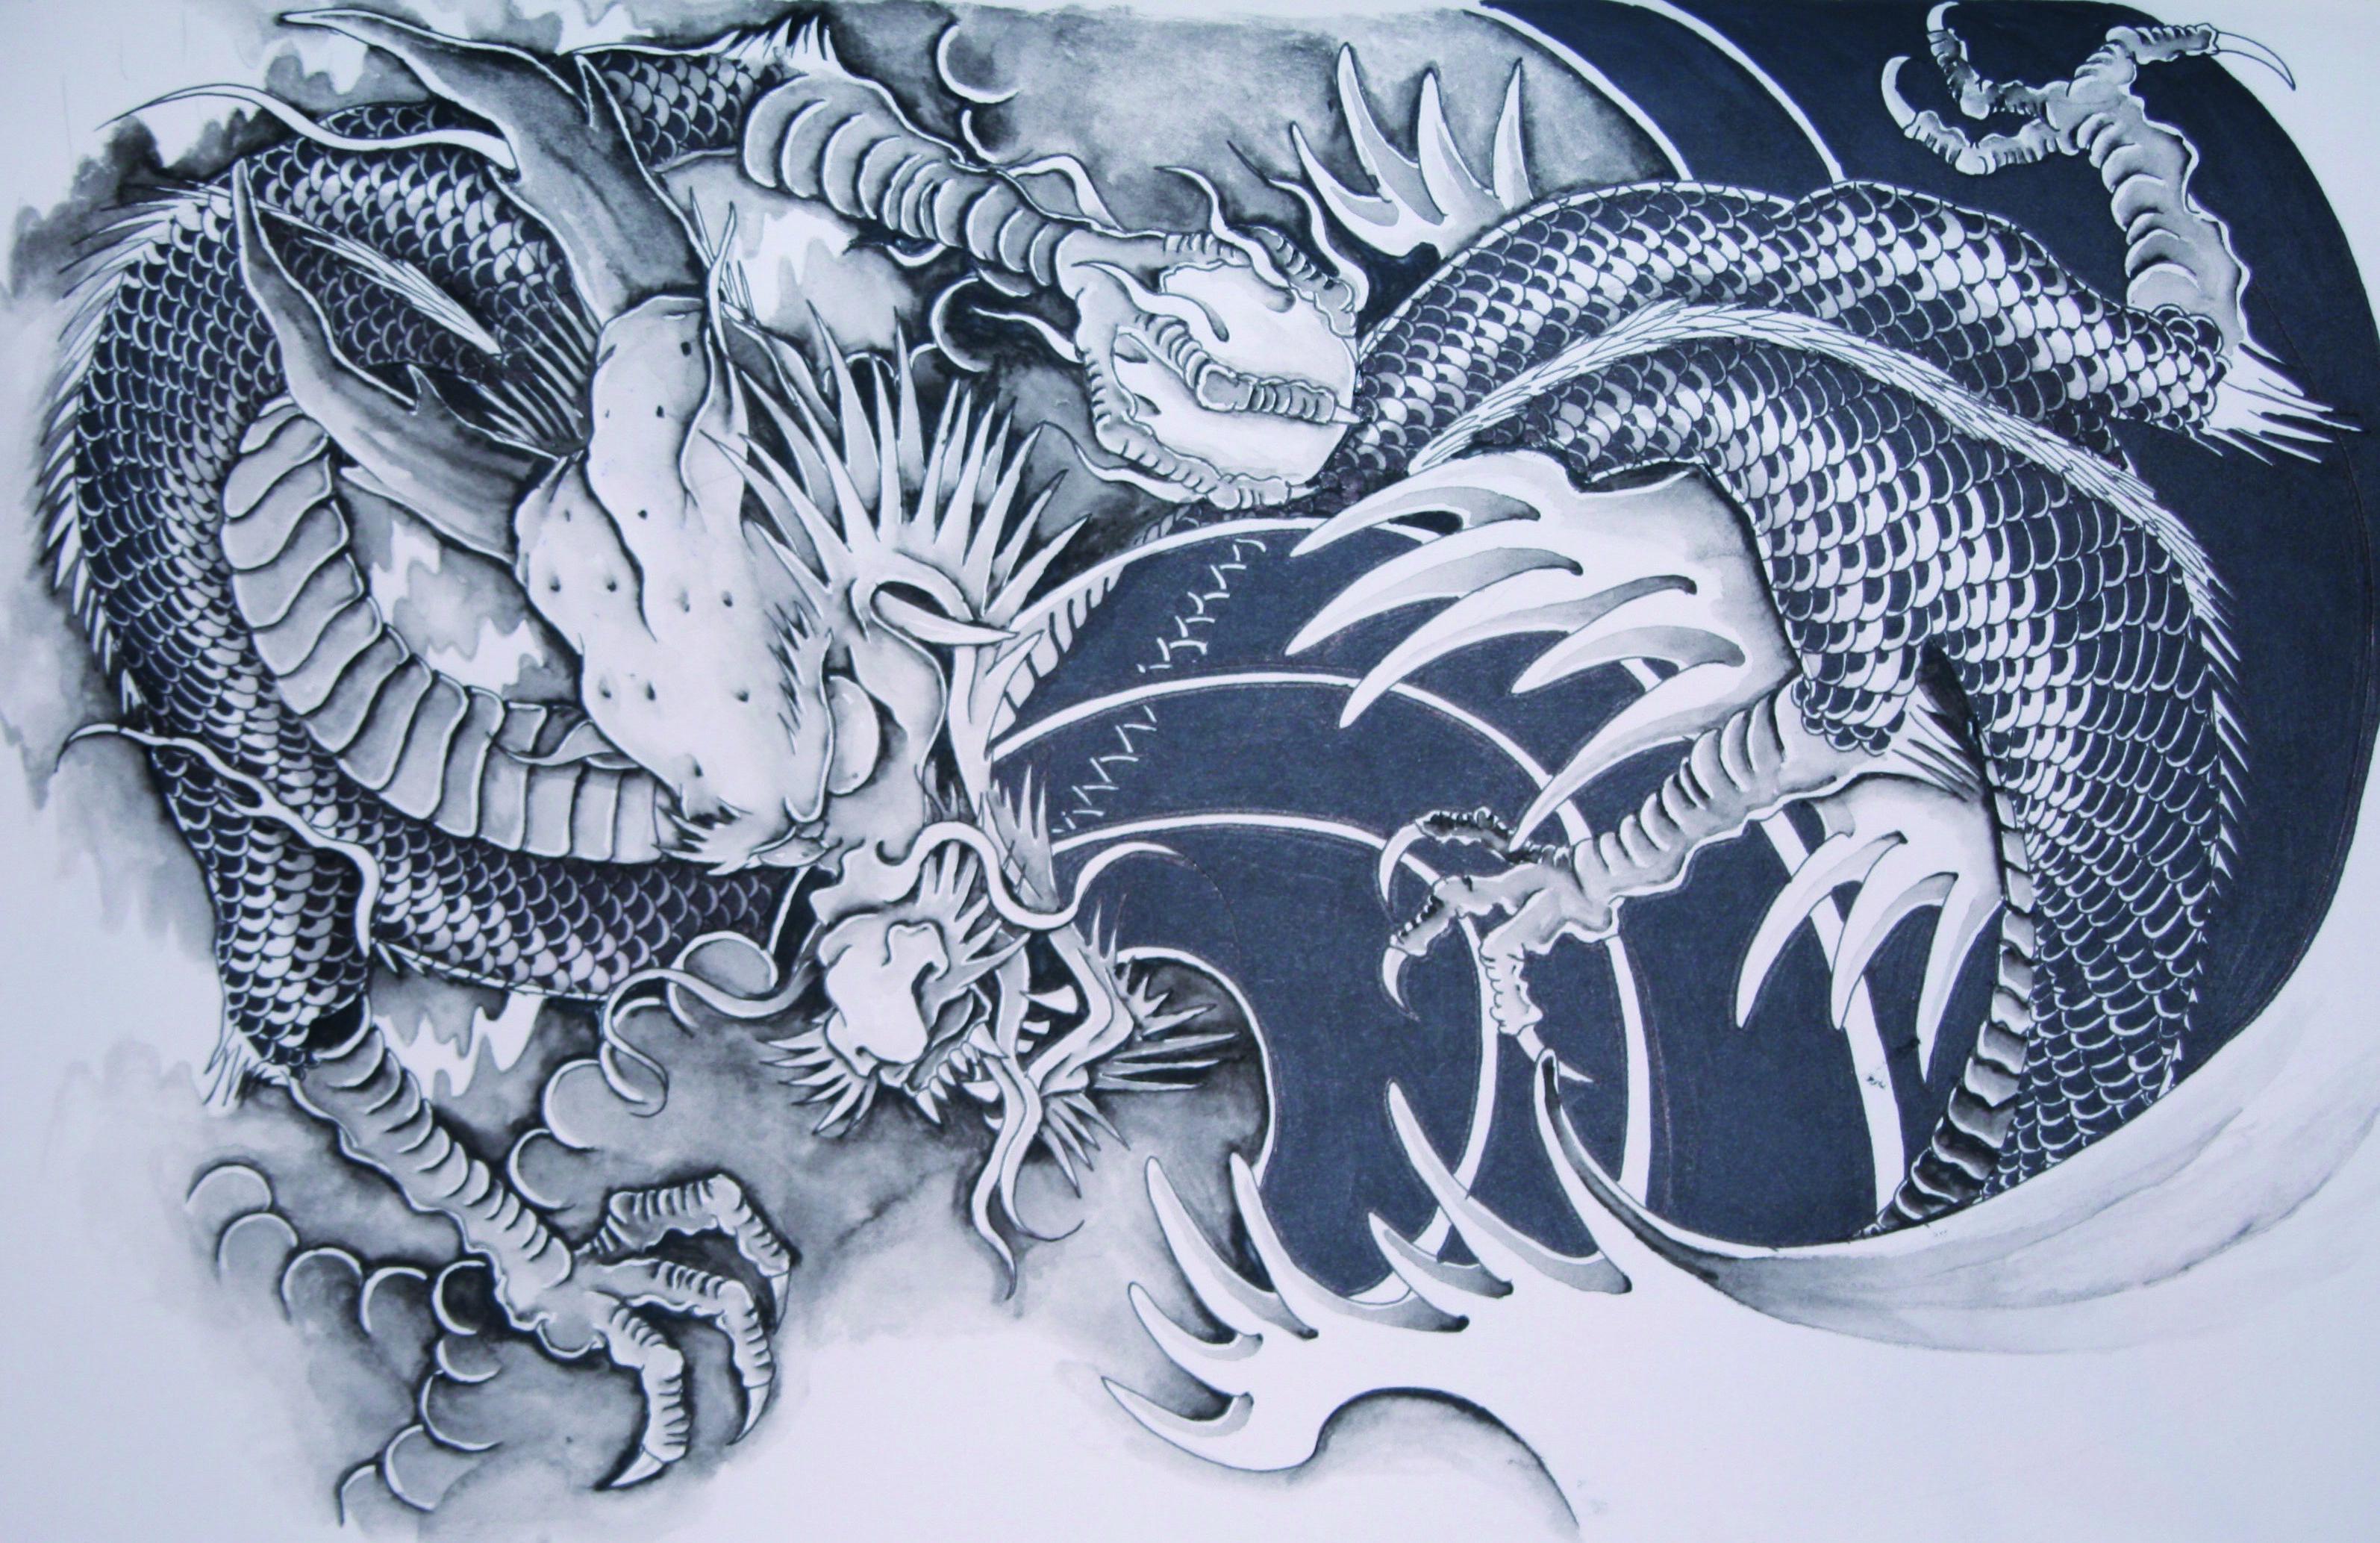 картинки драконов графика смотреть основе можно строить